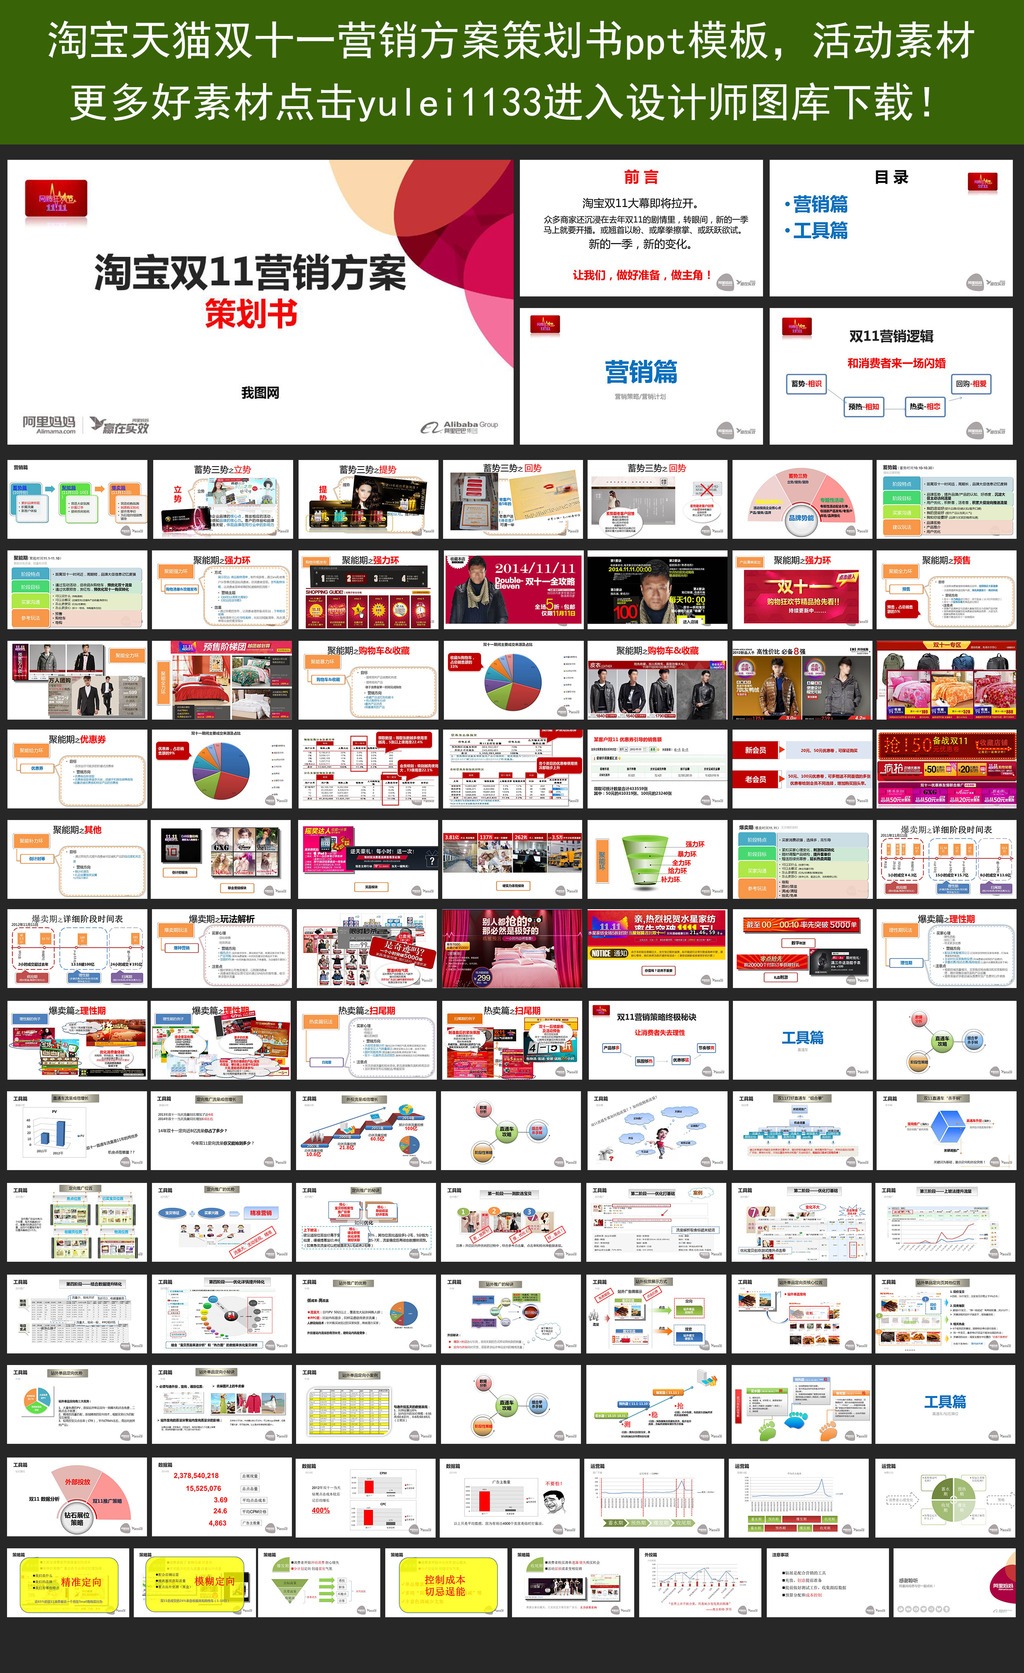 双十一淘宝天猫策划营销视频ppt模板图片